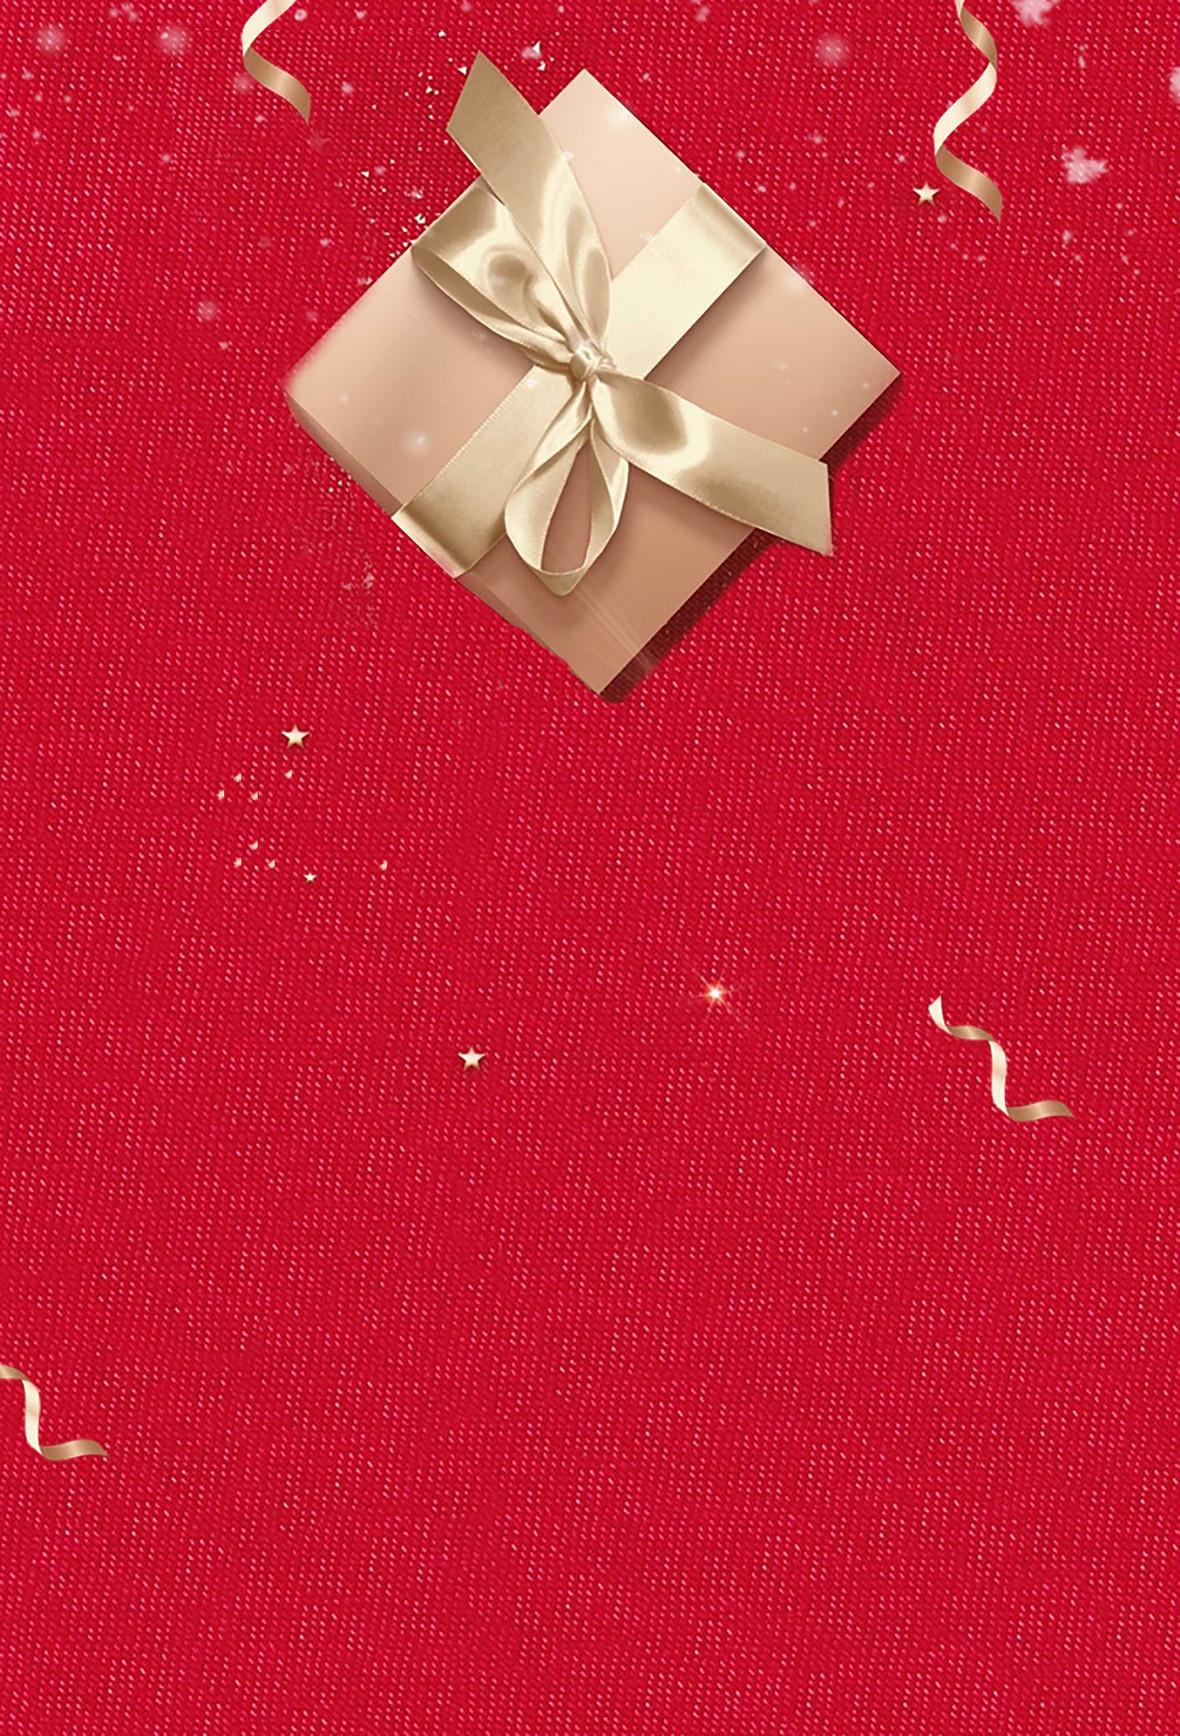 品红质感纹理简约创意礼物海报背景素材